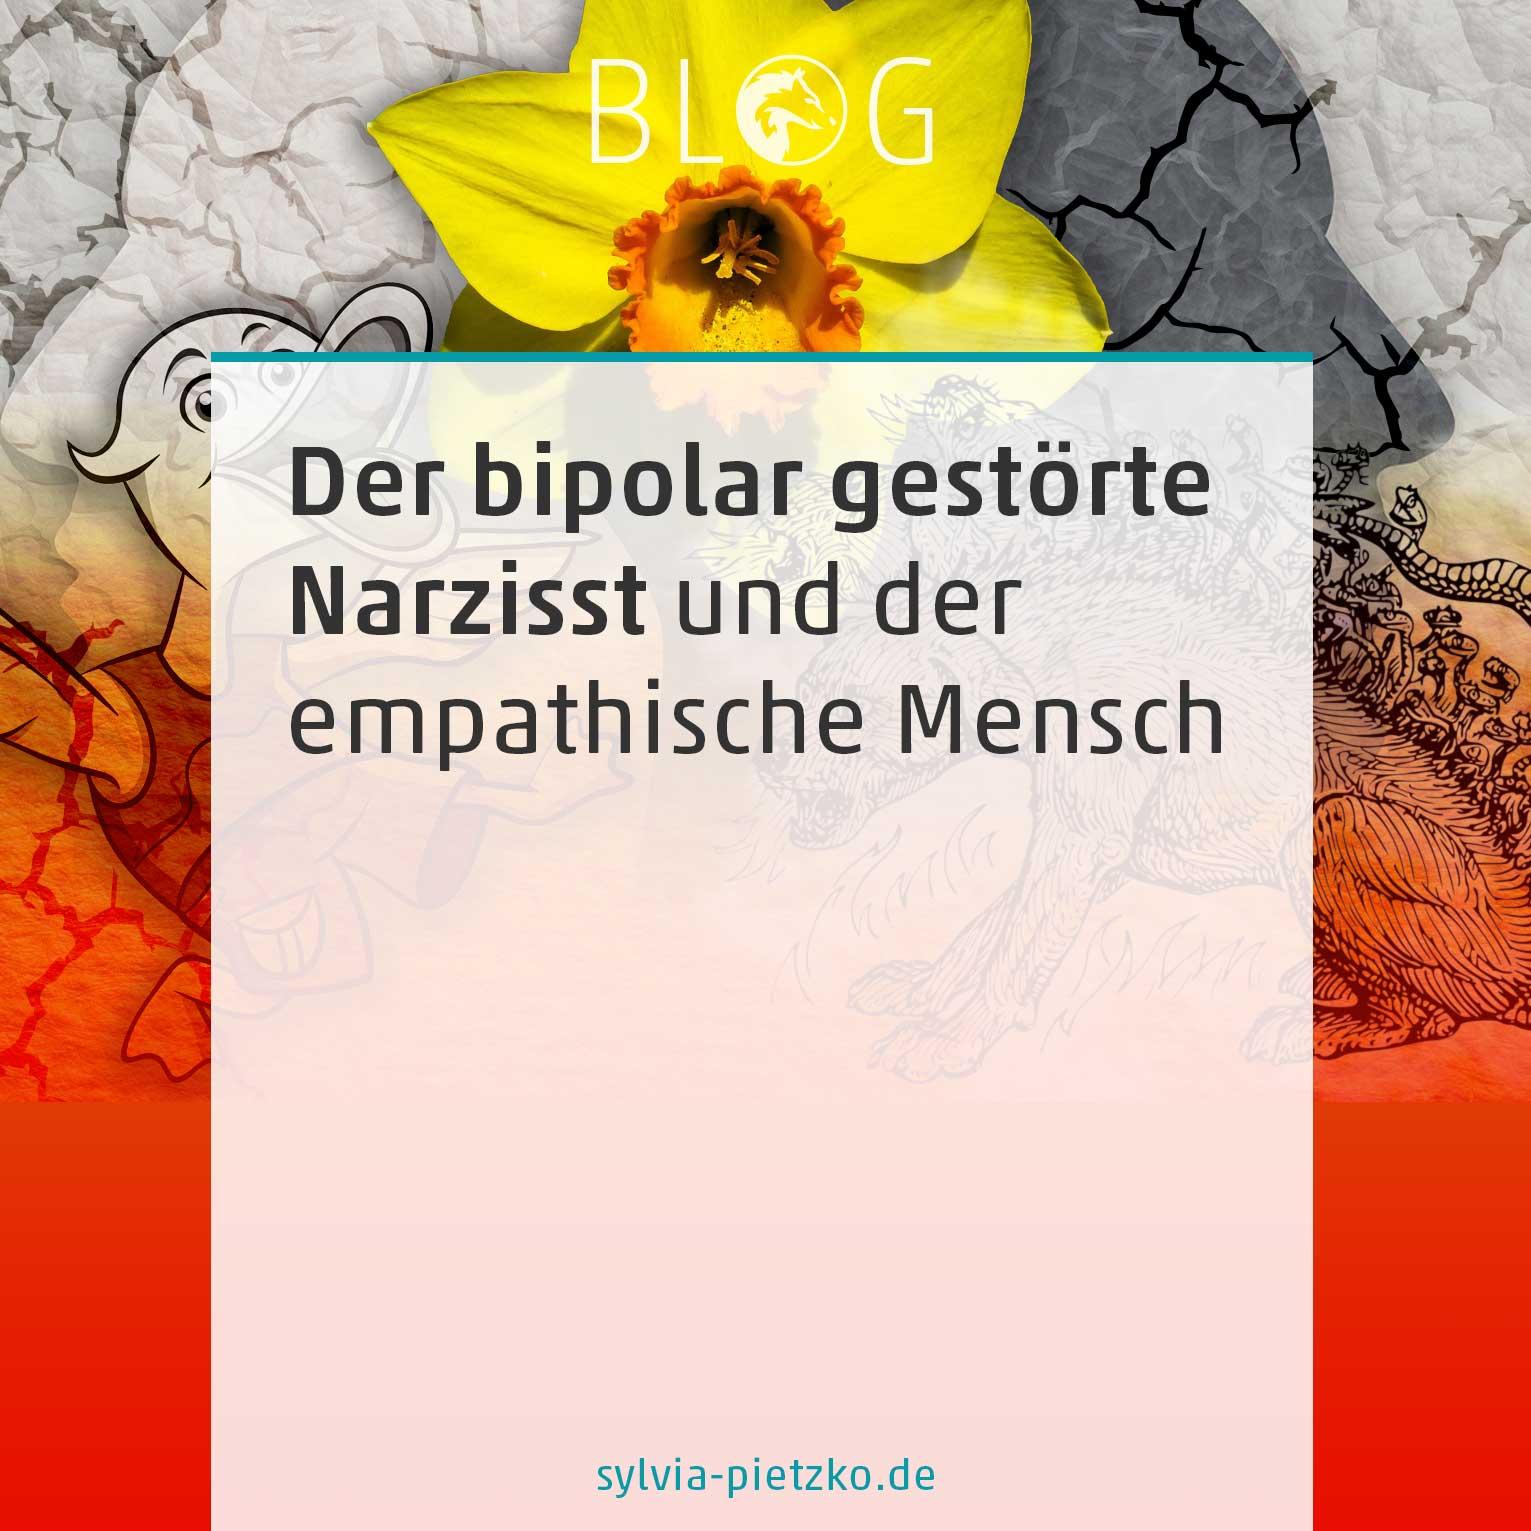 Blogpost Der bipolar gestörte Narzisst und der empathische Mensch